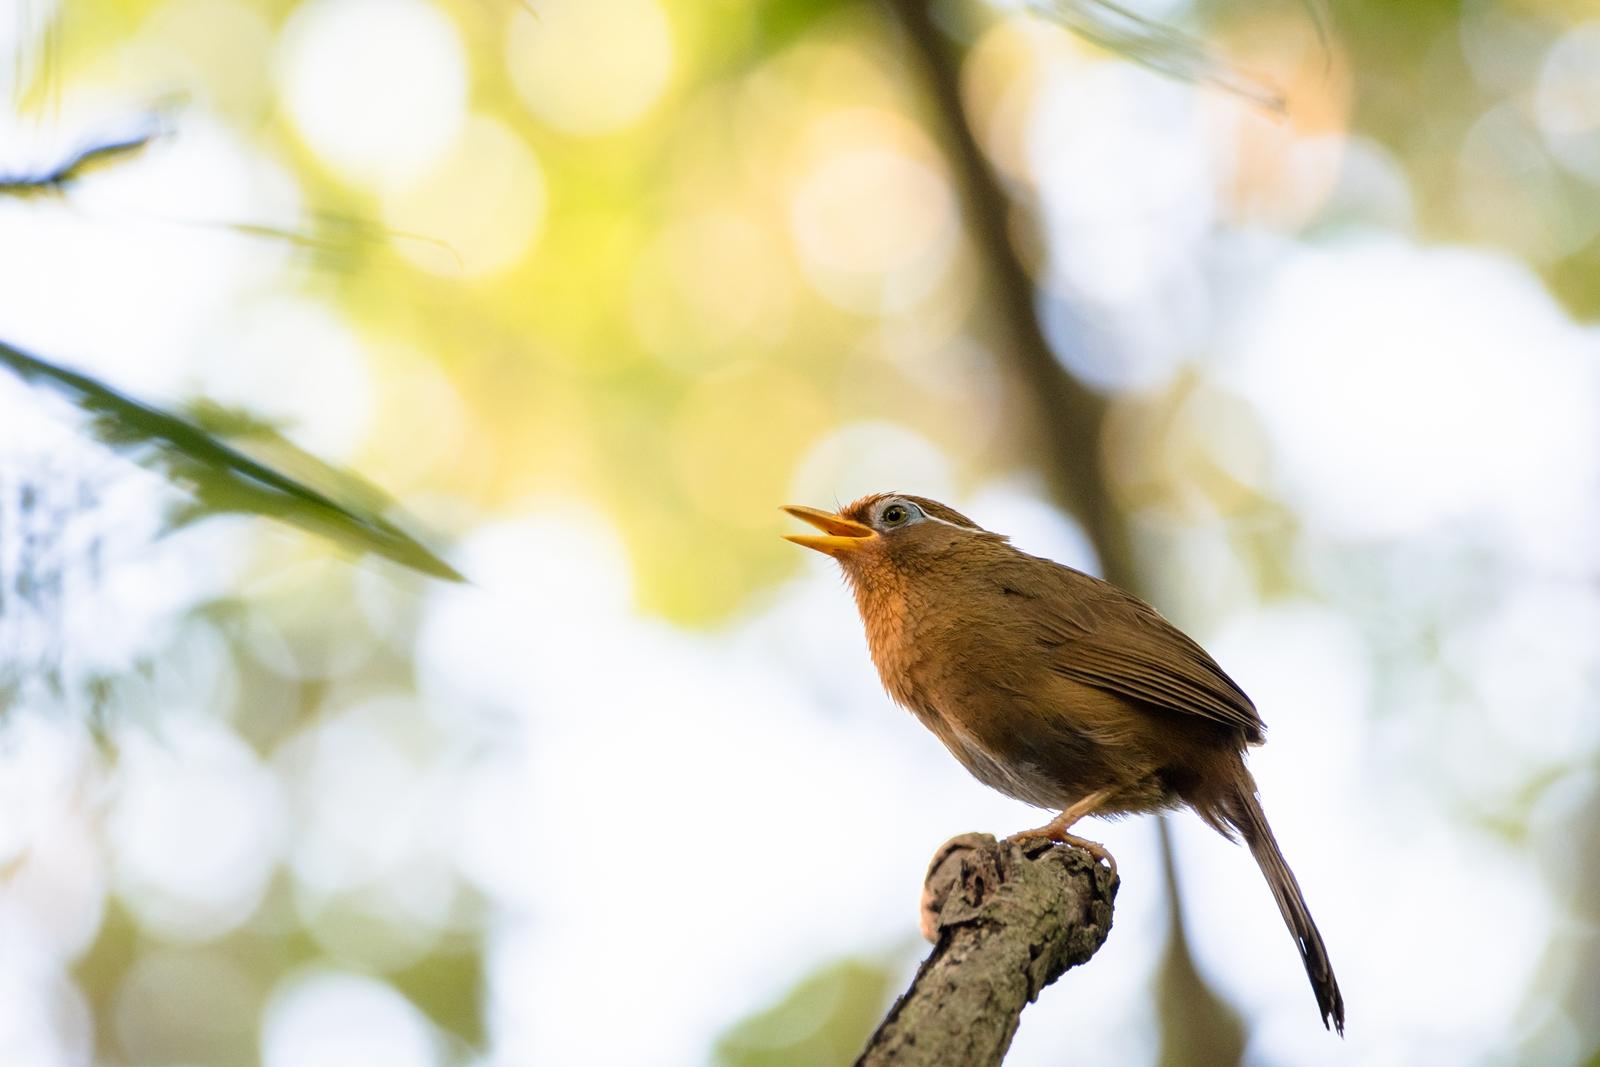 Photo: 「目覚めの朝に」 / Wake up morning.  森の朝に響き渡る あたたかな光を浴びて 今日の始まりを歌う 元気に元気に 始められるように  Hwamei. (ガビチョウ)  Nikon D500 SIGMA 150-600mm F5-6.3 DG OS HSM Contemporary  #birdphotography #birds #kawaii #ことり #小鳥 #nikon #sigma  ( http://takafumiooshio.com/archives/2790 )